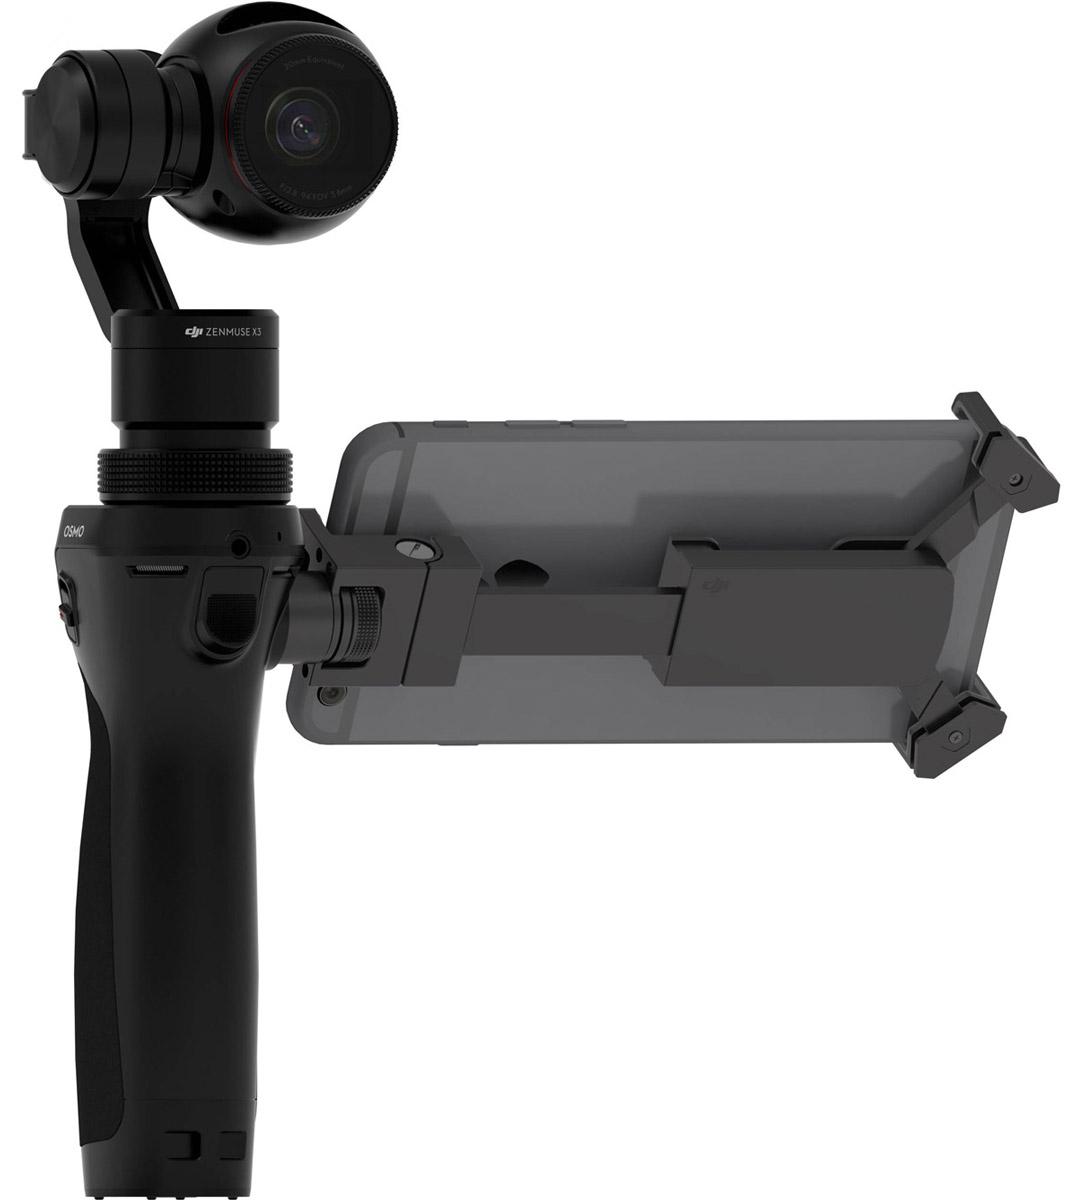 DJI OSMO X3 экшн-камераOSMO X3Представьте: движение без размытия, четкие динамичные кадры, идеальное плавное видео даже на бегу. Все это возможно благодаря новым технологиям, разработанным специально для стабилизации камеры в любых условиях. Открывайте новые возможности съемки вместе с ручным стабилизатором DJI Osmo. Это не просто камера. Это – свобода творчества.Специально разработанный девятикомпонентный объектив подарит вам чистые и четкие изображения. Этот прямолинейный широкоугольный объектив придает драматичности снимку без геометрических искажений, характерных для камер данного размера. Разработчики DJI Osmo вложили много труда в создание этой мощной, но компактной камеры для того, чтобы вы могли снимать видео в 4K с частотой 30 кадров в секунду и четкие качественные 12-мегапиксельные фотографии.Компания DJI всегда специализировалась на создании систем стабилизации для воздушных камер. Труды лучших экспертов по усовершенствованию данной технологии воплотились в камере Х3 и ее стабилизаторе. Теперь все это в ваших руках. 3-х осевая стабилизирующая система знает, как двигается Osmo, и нивелирует случайные движения рук оператора с помощью набора сенсоров и продвинутых алгоритмов. Подобная точность обеспечивается благодаря уникальному сверх-быстрому процессору от DJI. Нивелируя колебания и наклоны в реальном времени, процессор управляет двигателями по всем трем осям: вертикальной, продольной и поперечной.Стабилизатор ZENMUSE X3:Масса: 221 гВыходной ток (с камерой): Статический: 9 Вт; Динамический: 11 ВтДиапазон угловых вибраций: ±0.03°Крепление: СъемноеРабочий диапазон углов вращения:Вертикальная ось: -35°...+135°;Продольная ось: ± 30°Механический диапазон углов вращения:Вертикальная ось: 330°;Продольная ось: -50°...+90°Макс. управляемая угловая скорость: 120°/с